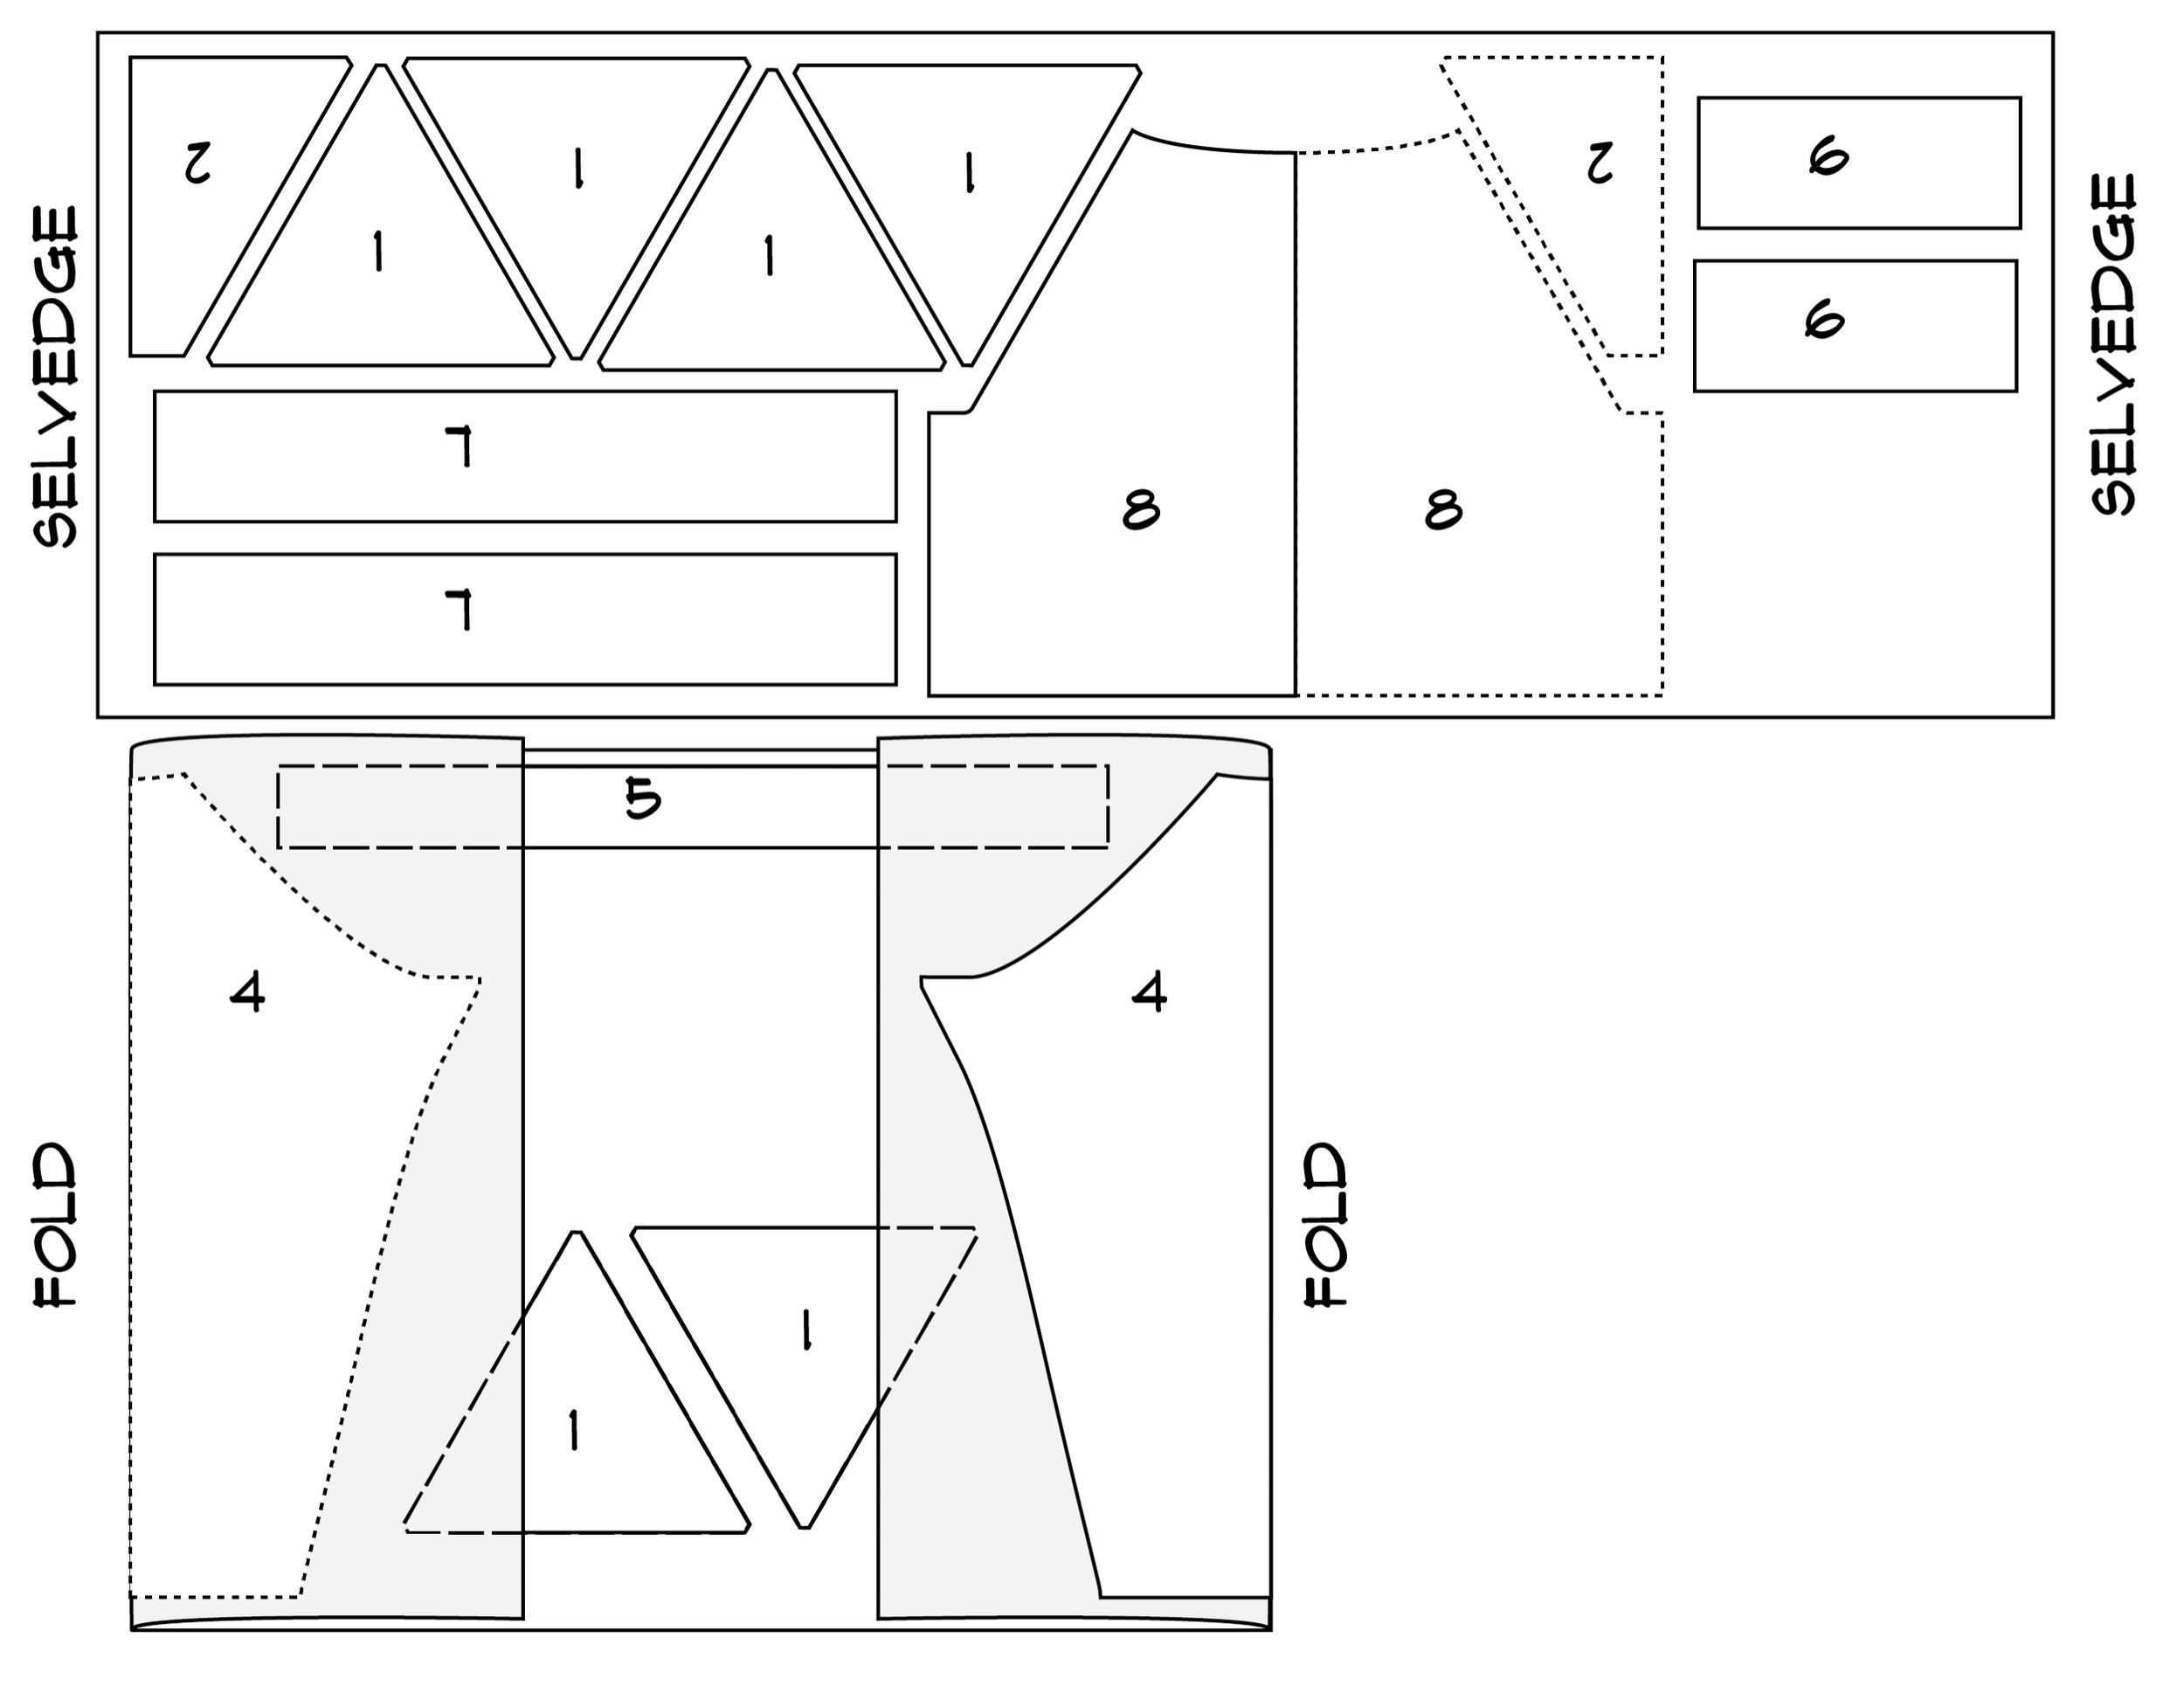 layout_v1-60-back-eh.png